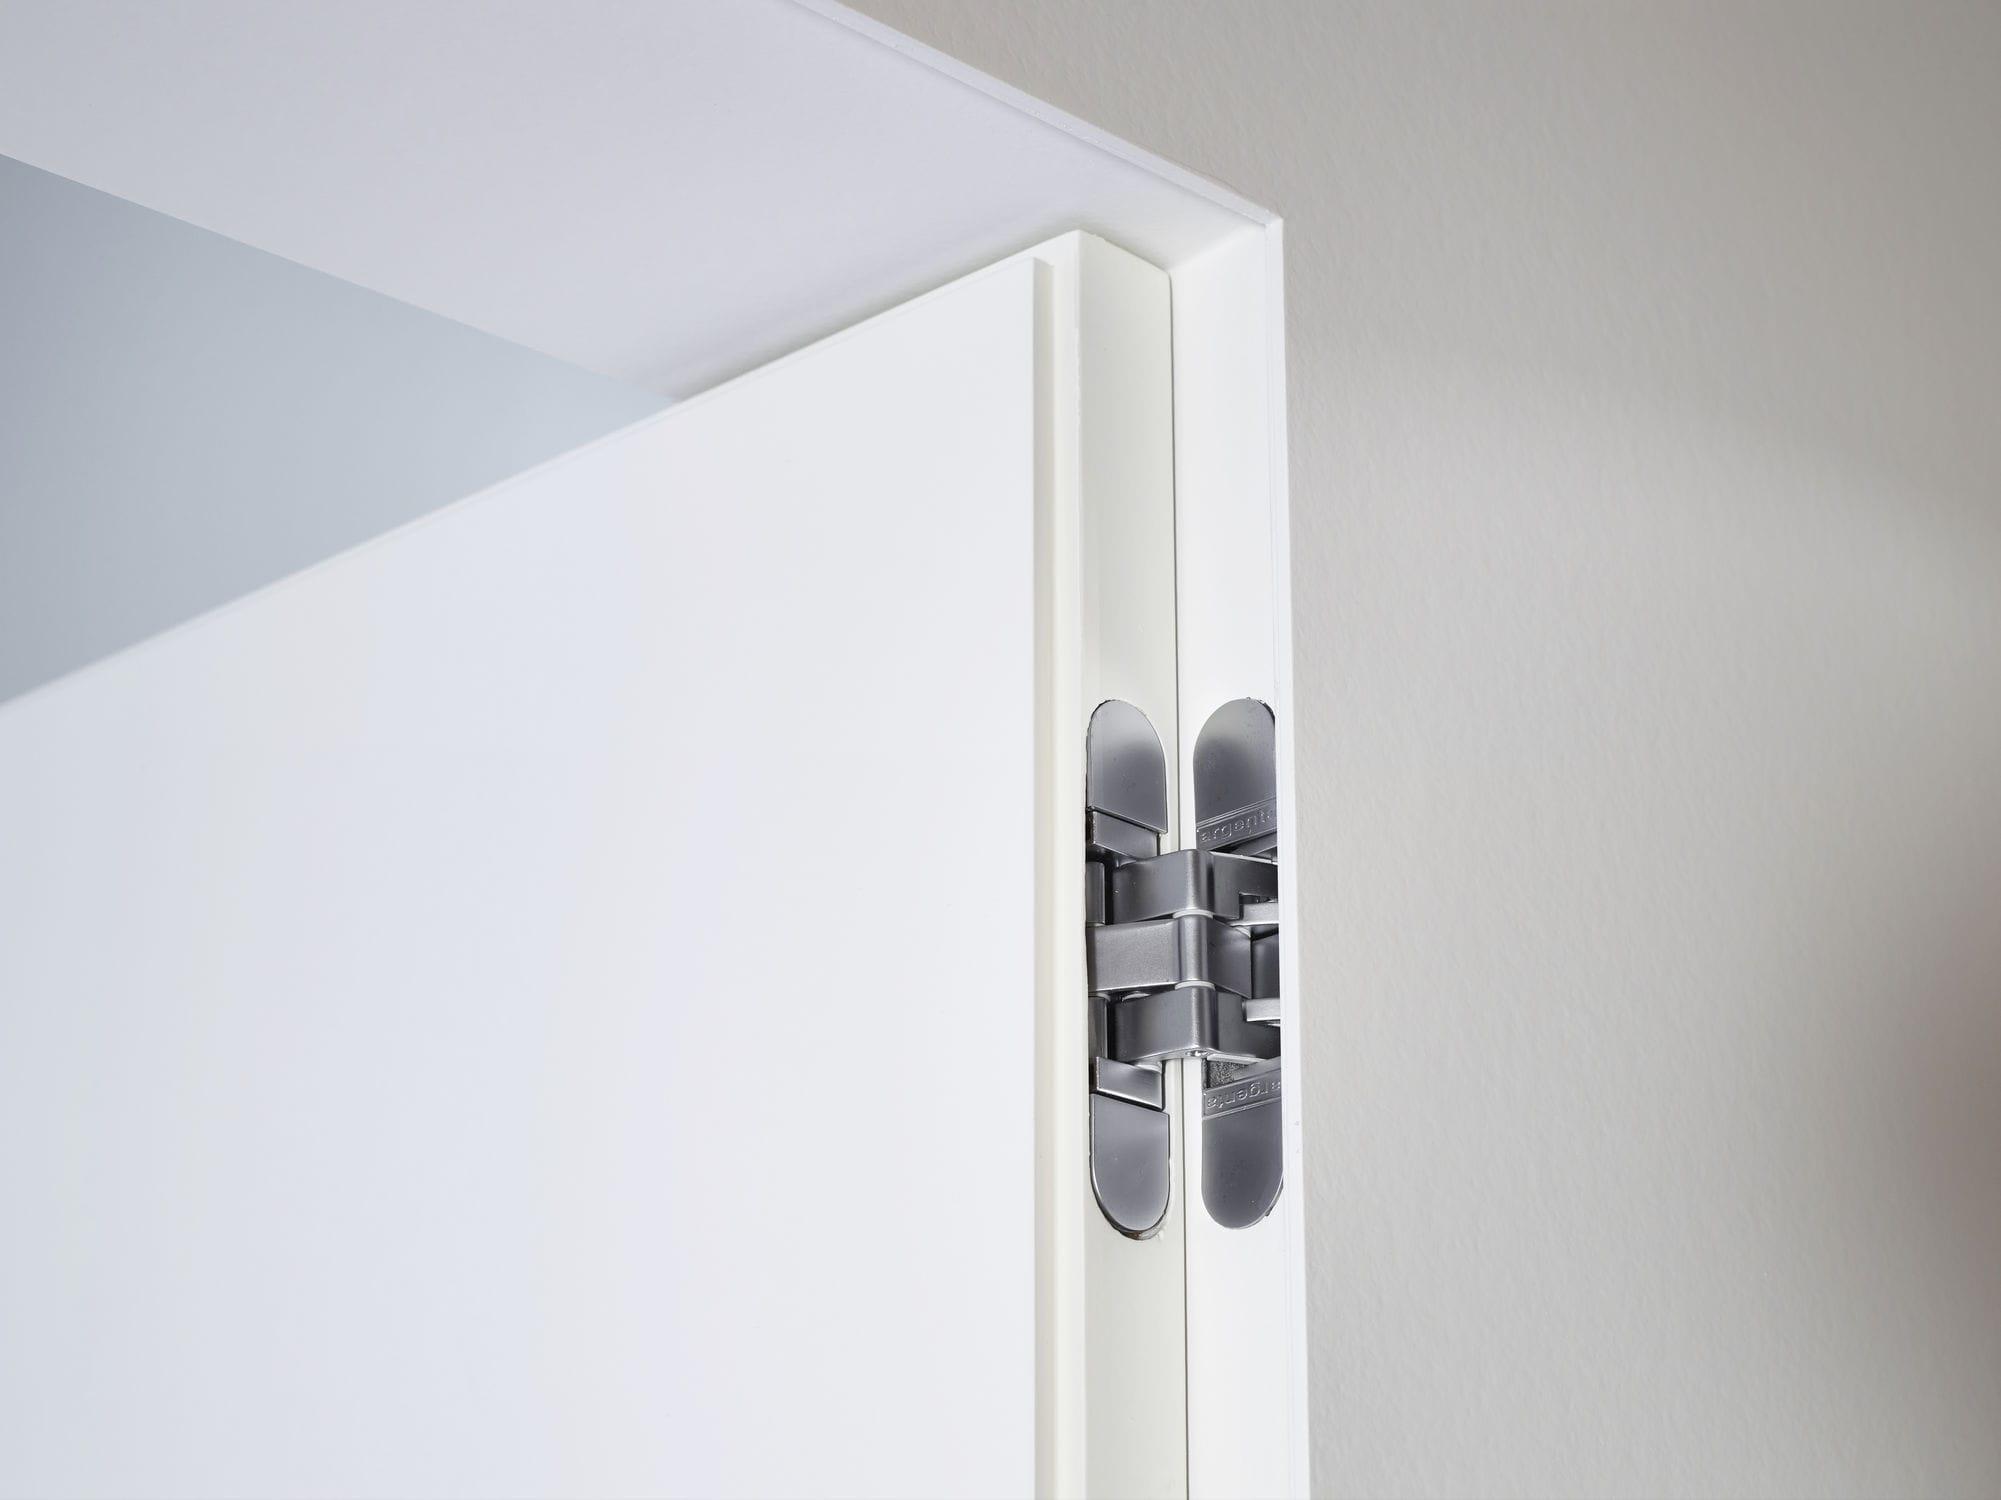 ... Aluminum door frame INVISIDOOR® Argent Alu ... & Aluminum door frame - INVISIDOOR® - Argent Alu - Videos pezcame.com